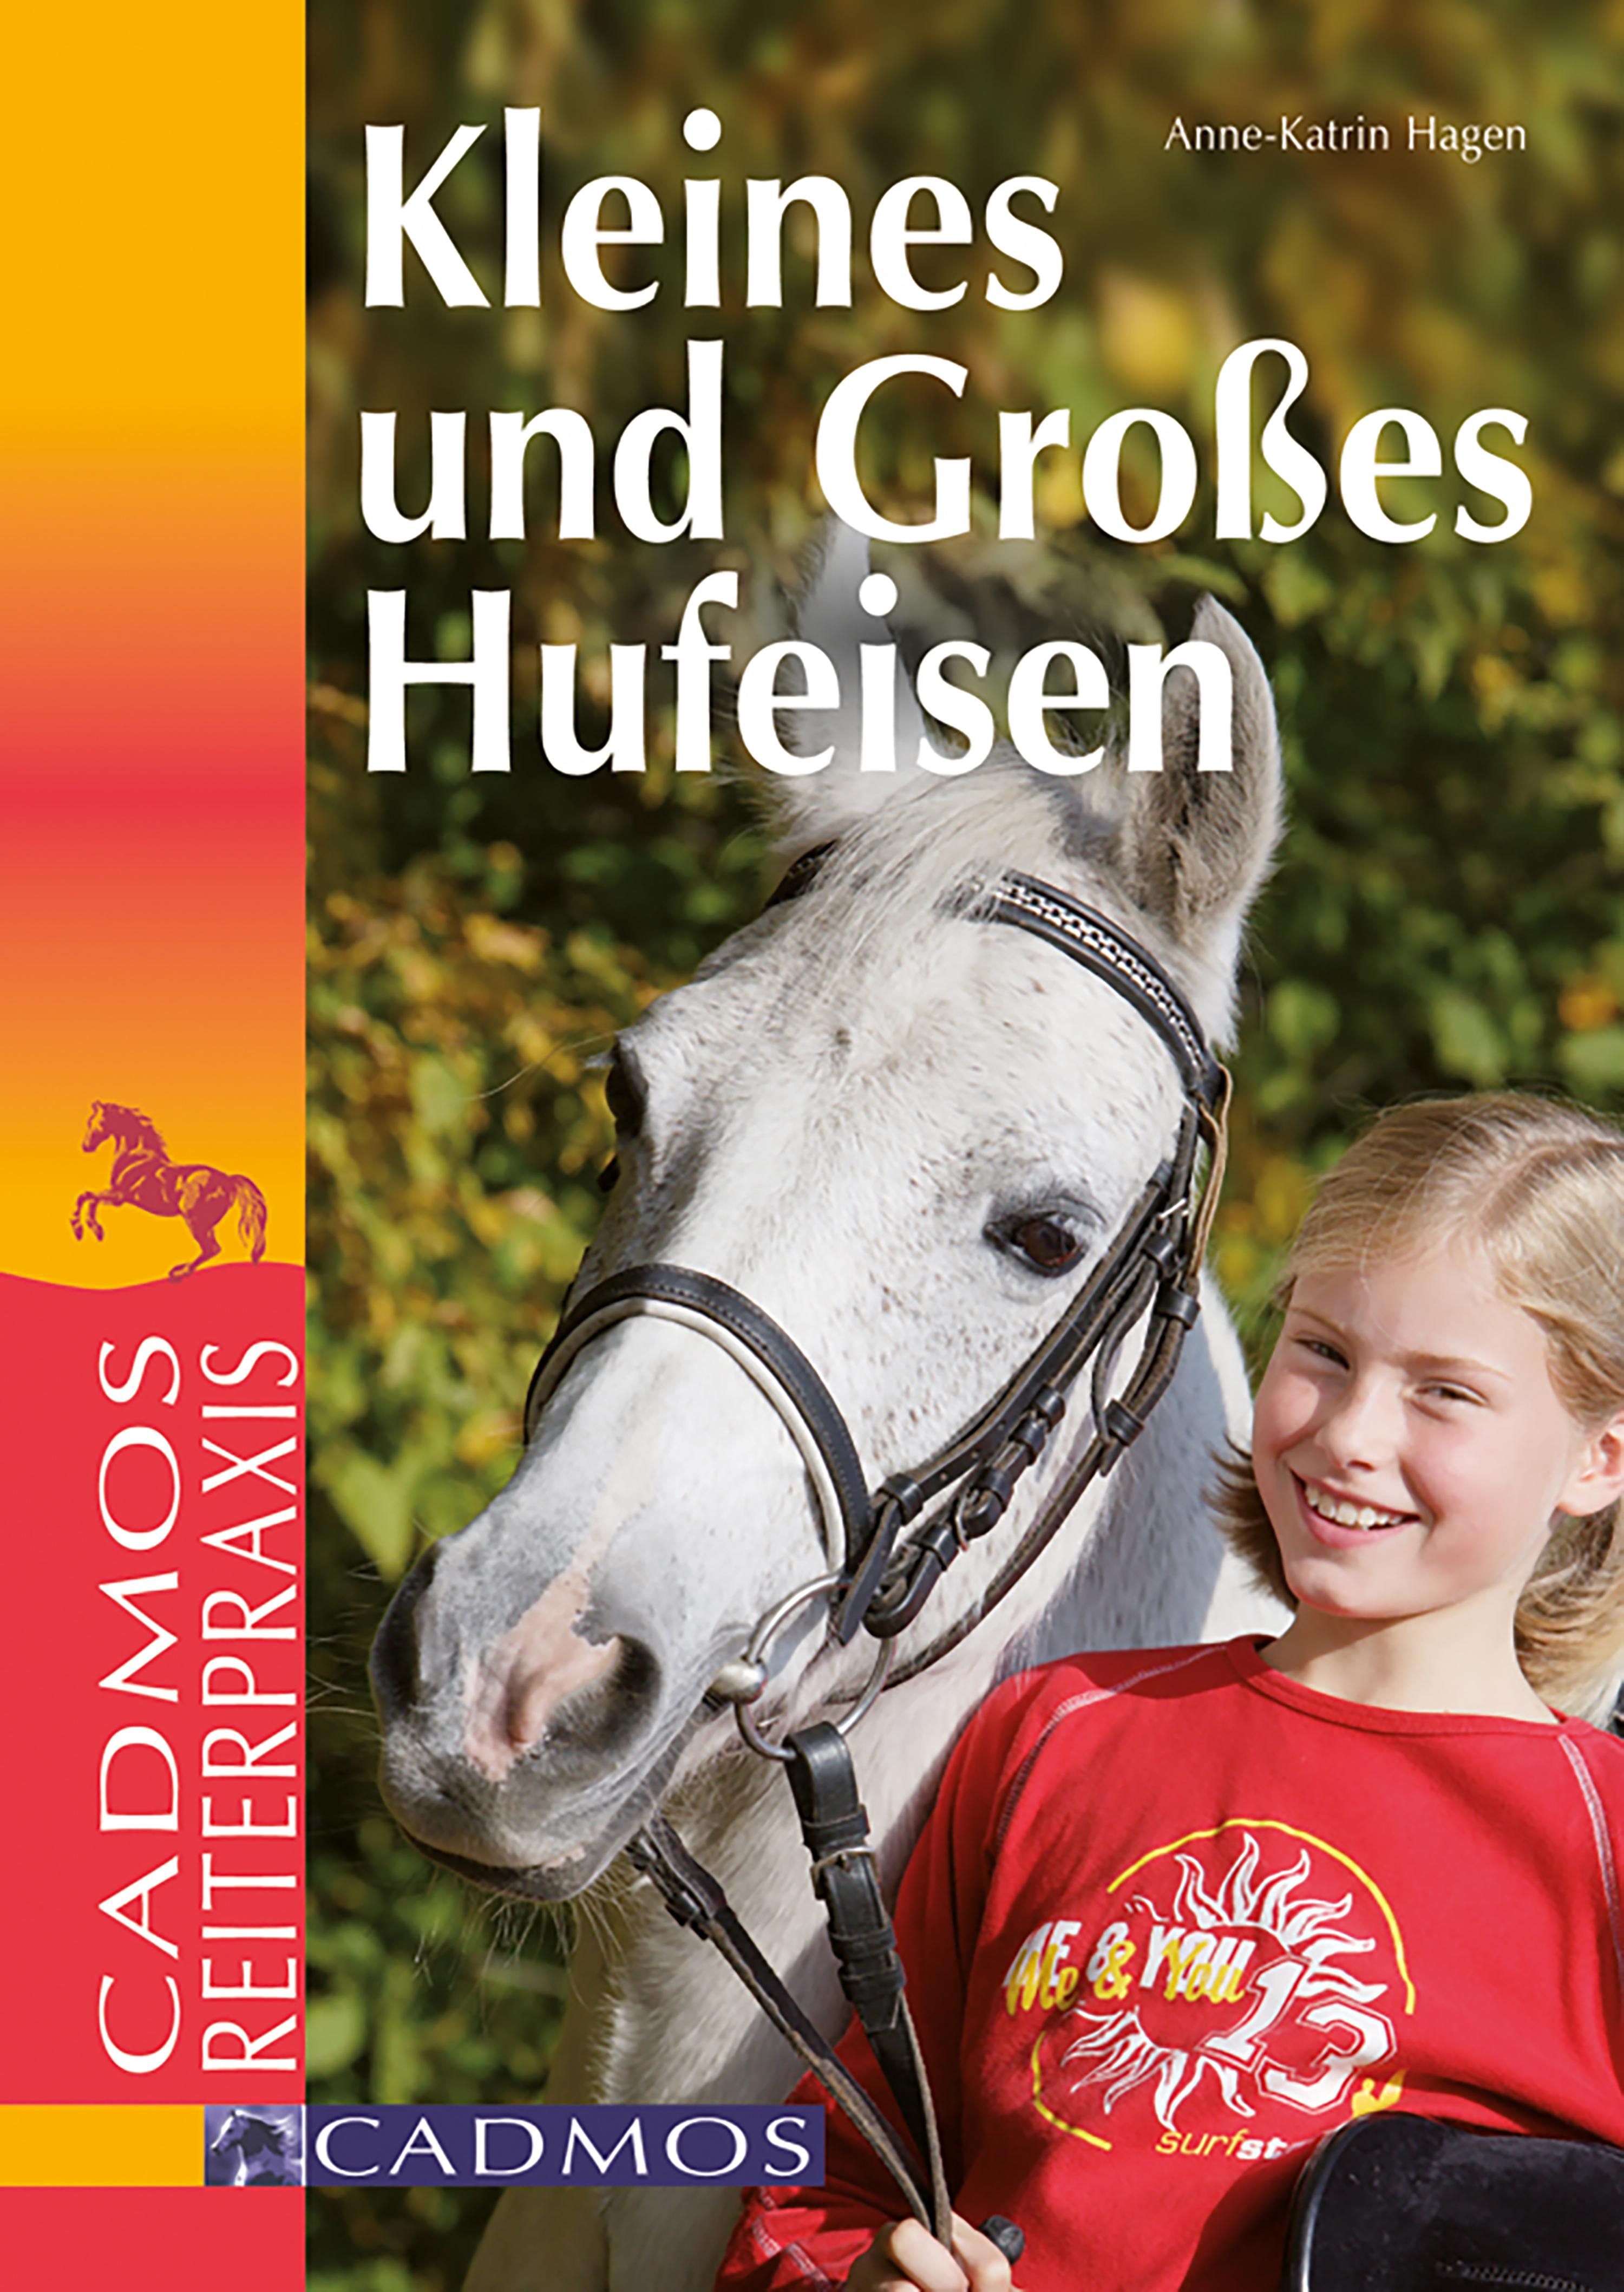 Anne-Katrin Hagen Kleines und großes Hufeisen anne katrin hagen kleines und großes hufeisen